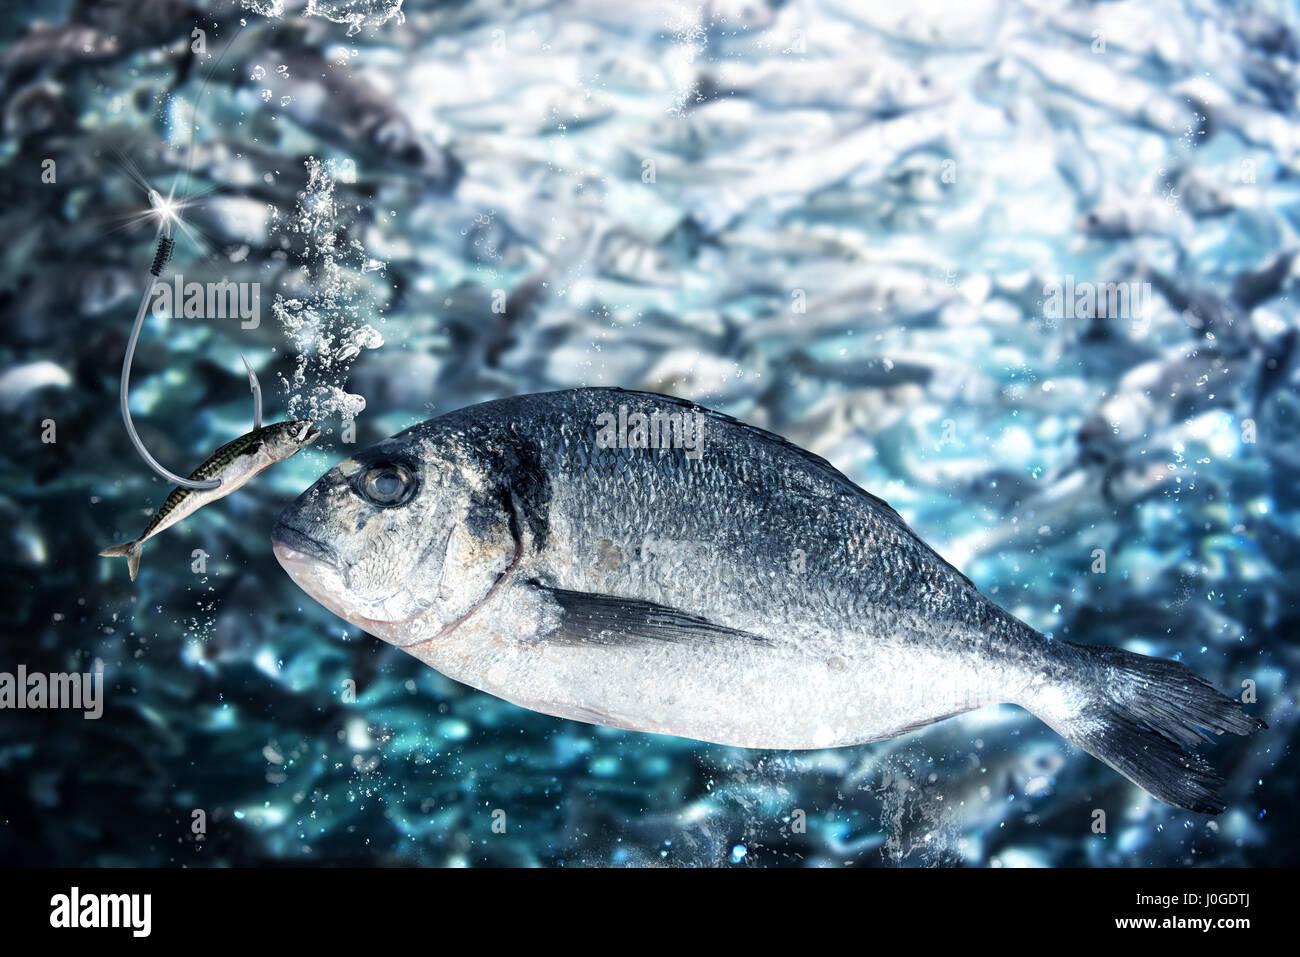 Pesce prende l'esca per attirare Immagini Stock